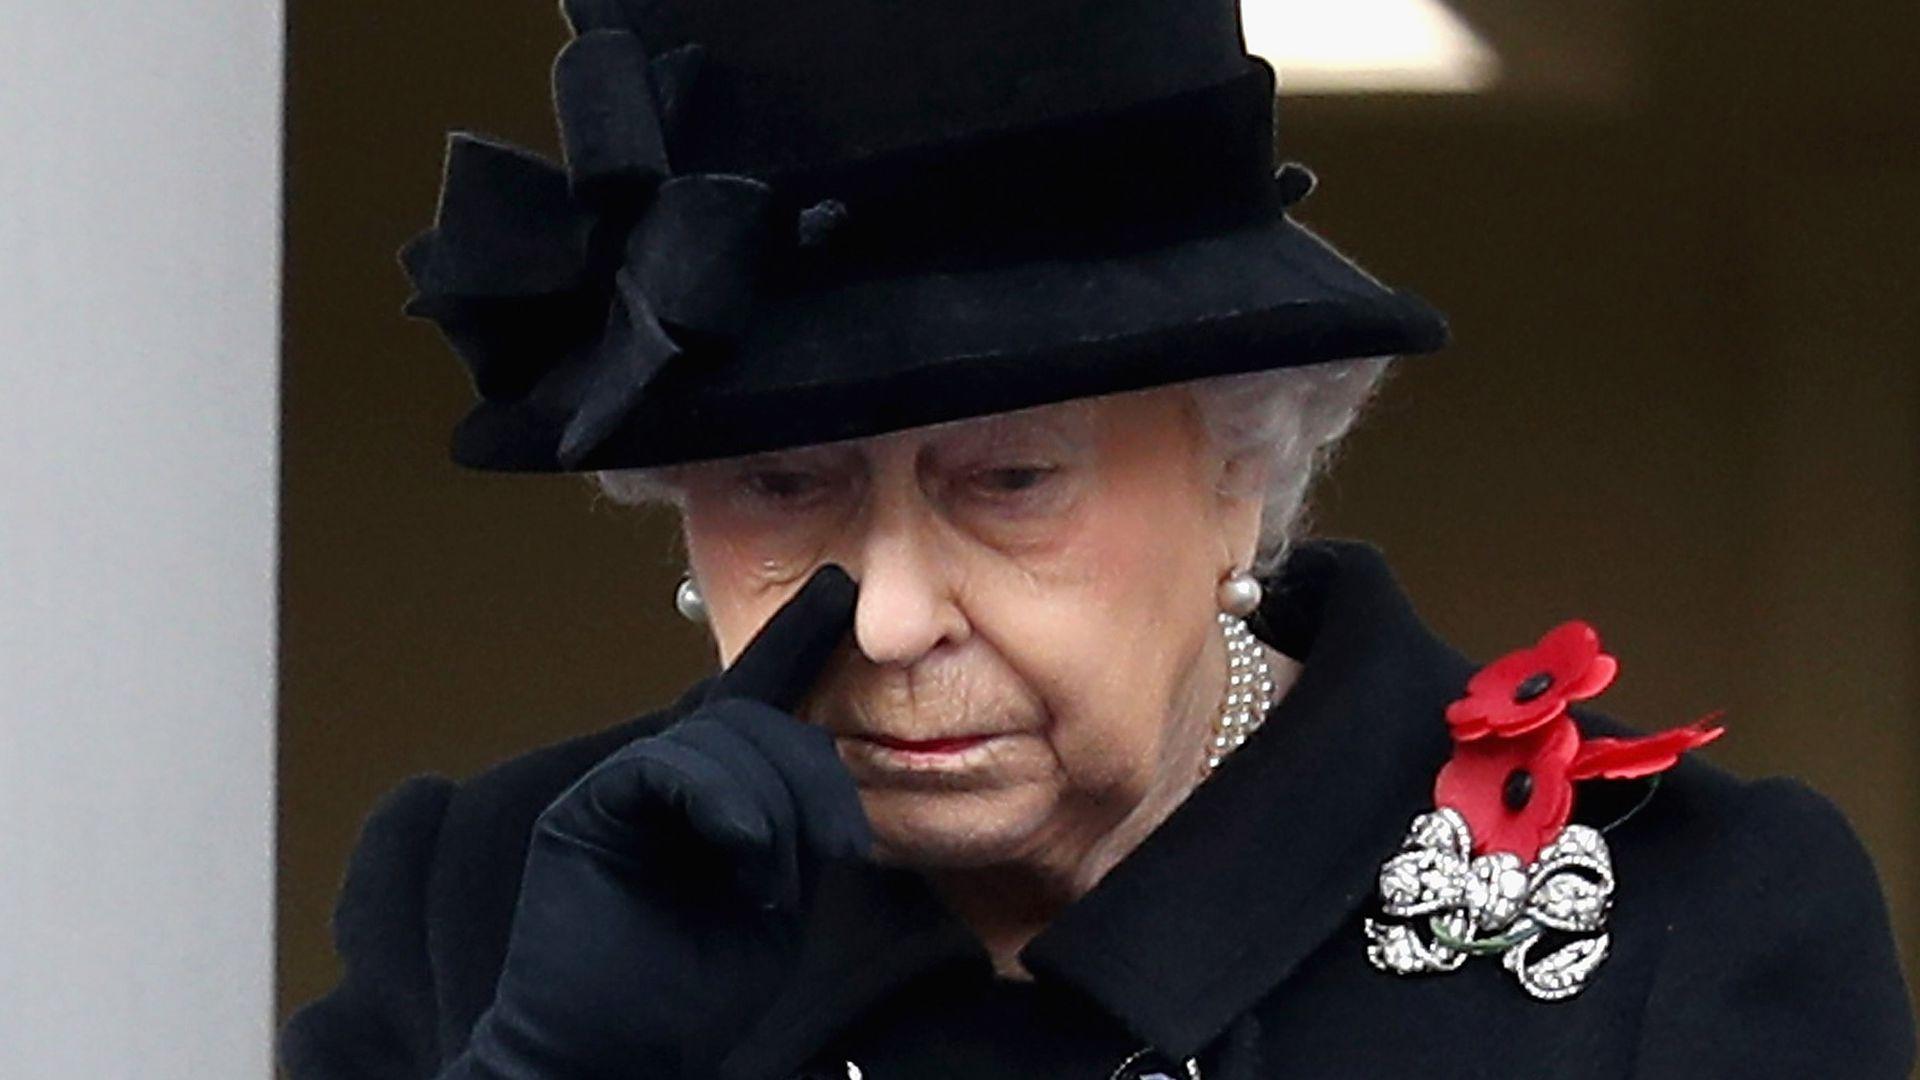 Ganz-selten-In-diesen-Momenten-lie-die-Queen-Emotionen-zu